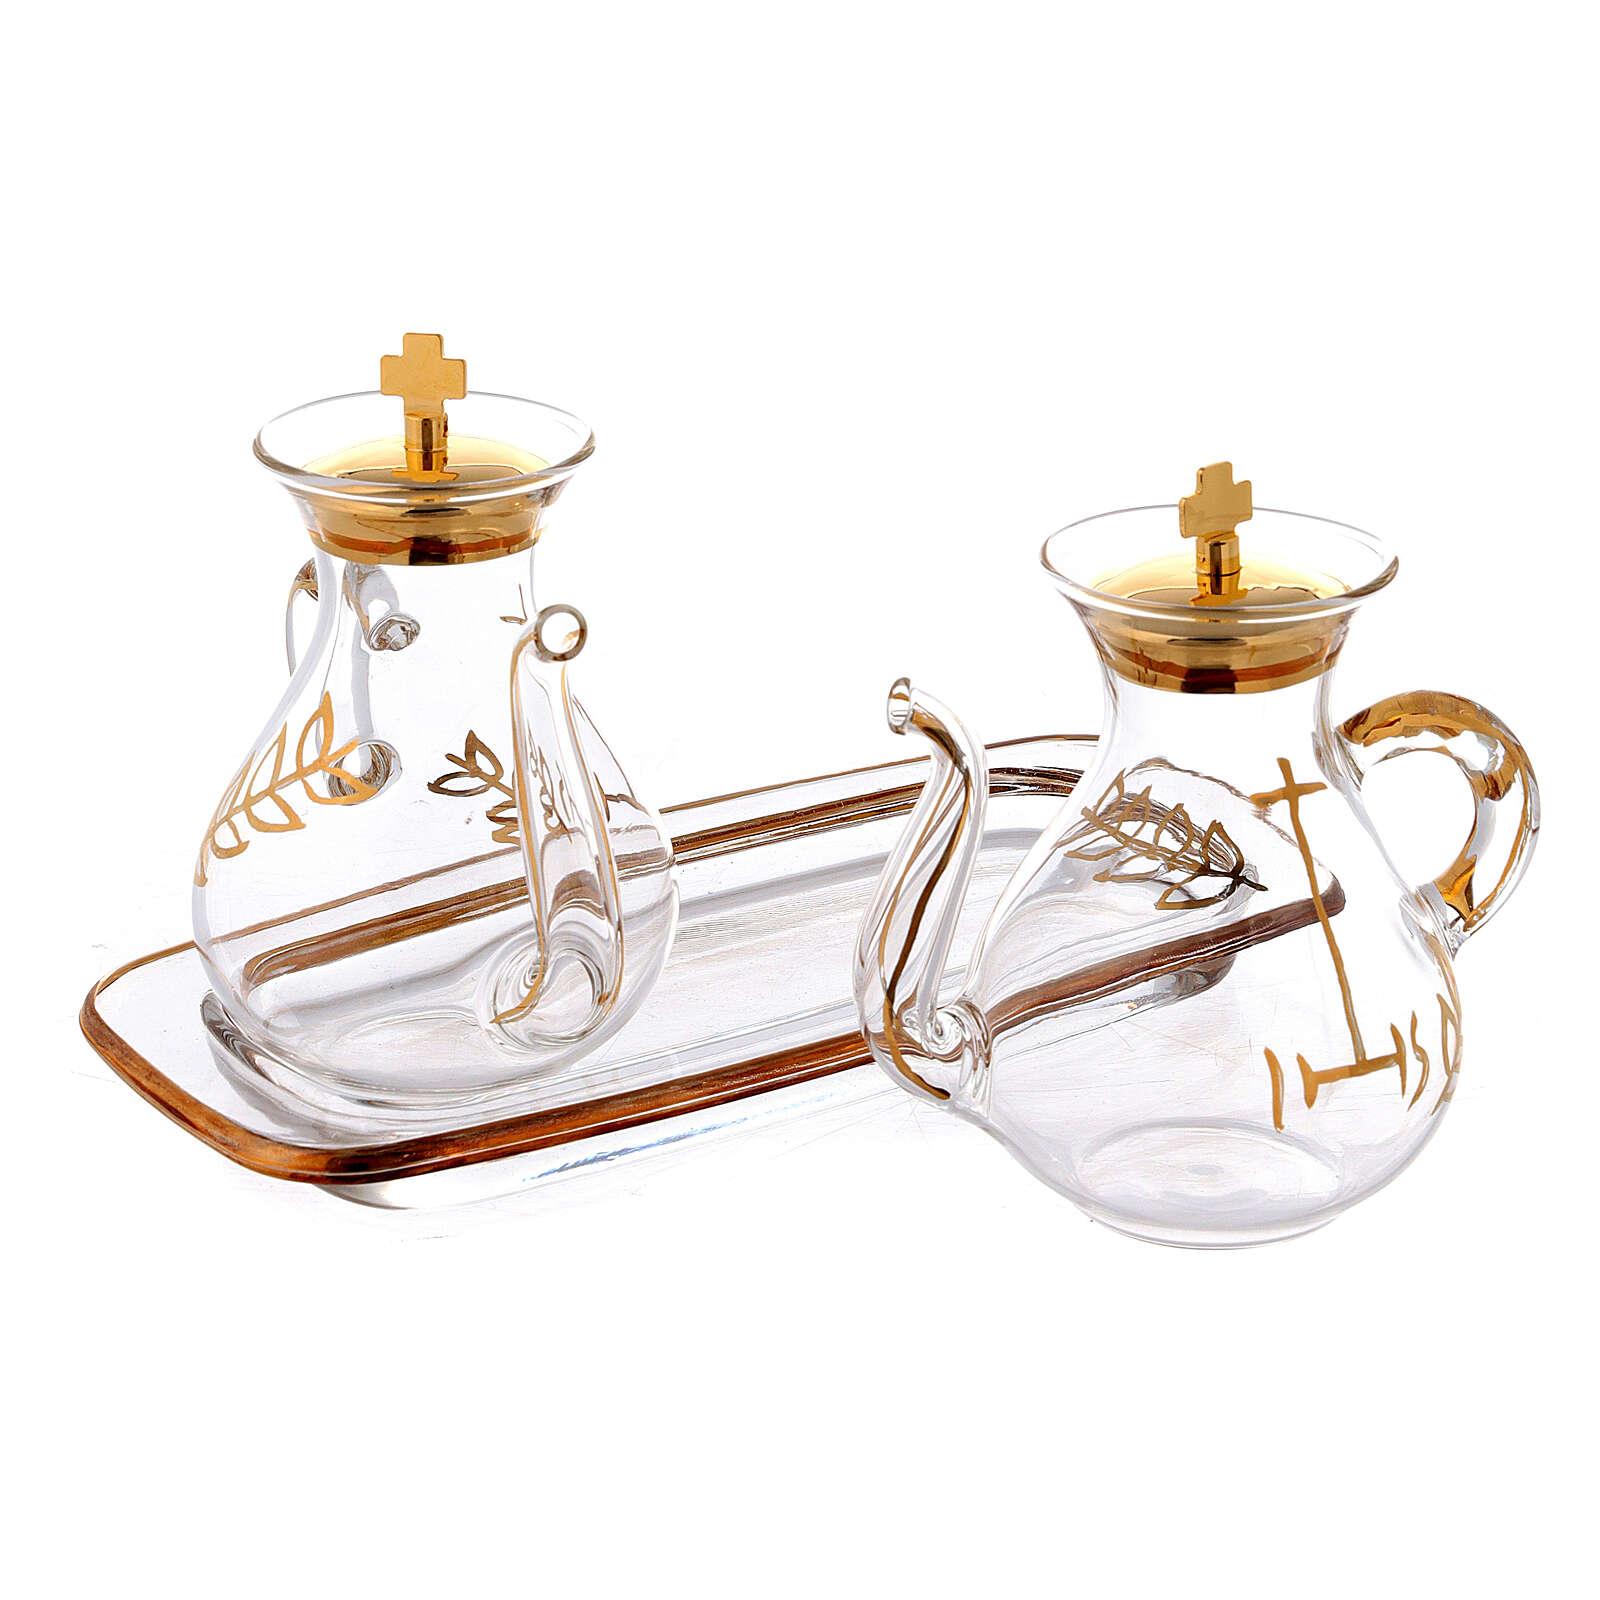 Vinajeras decoración dorada con pitón 4